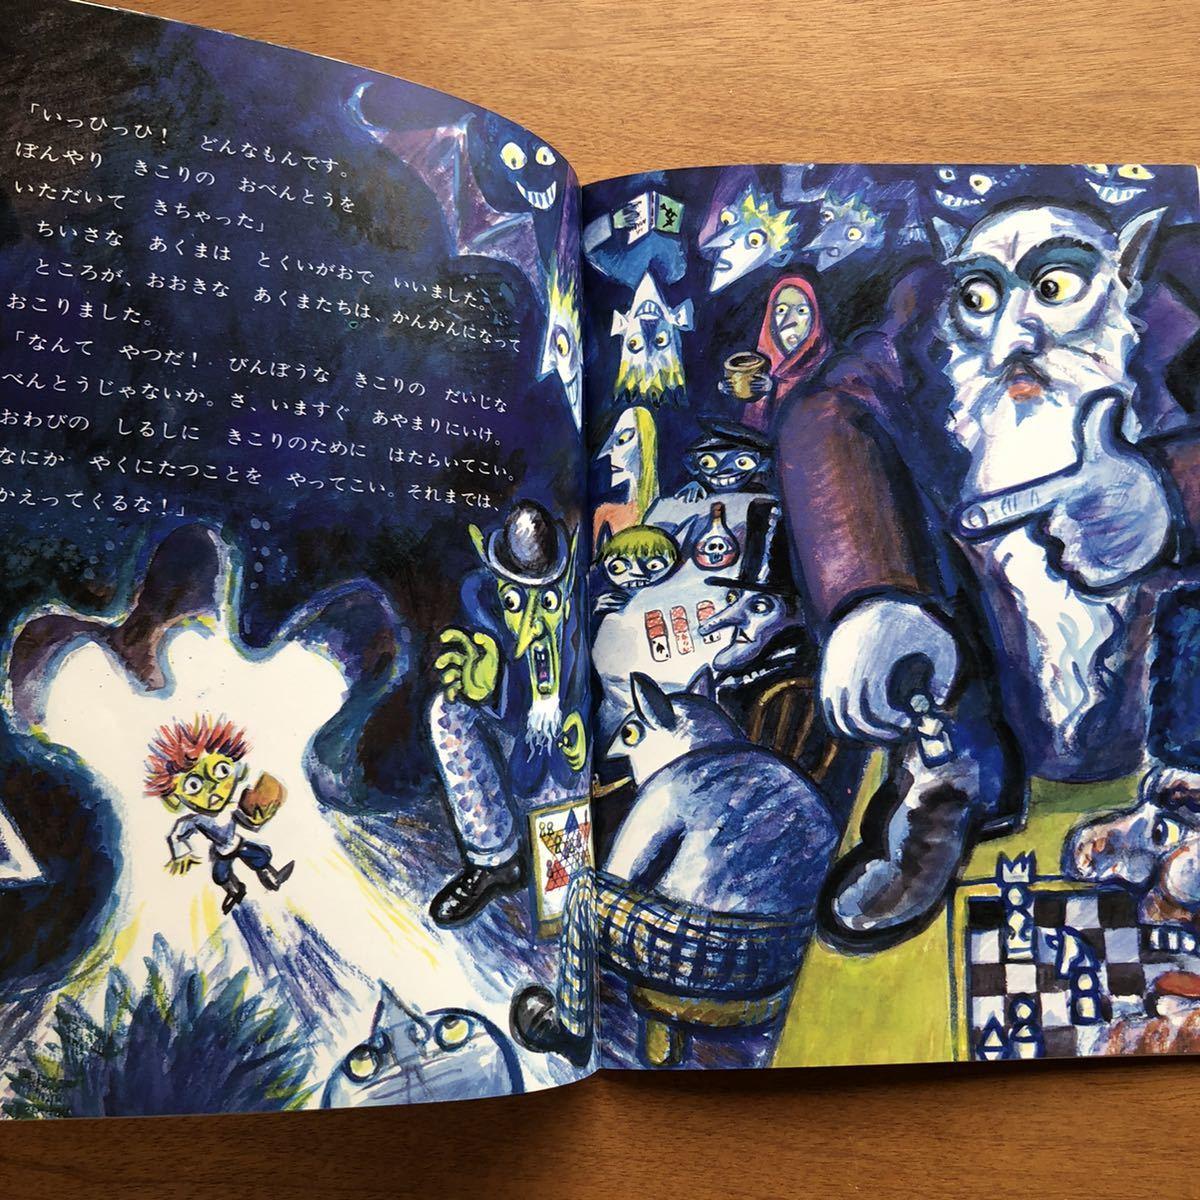 こどものとも パンのかけらとちいさなあくま 内田莉莎子 堀内誠一 284号 1979年 初版 絵本 児童書 福音館 昭和レトロ